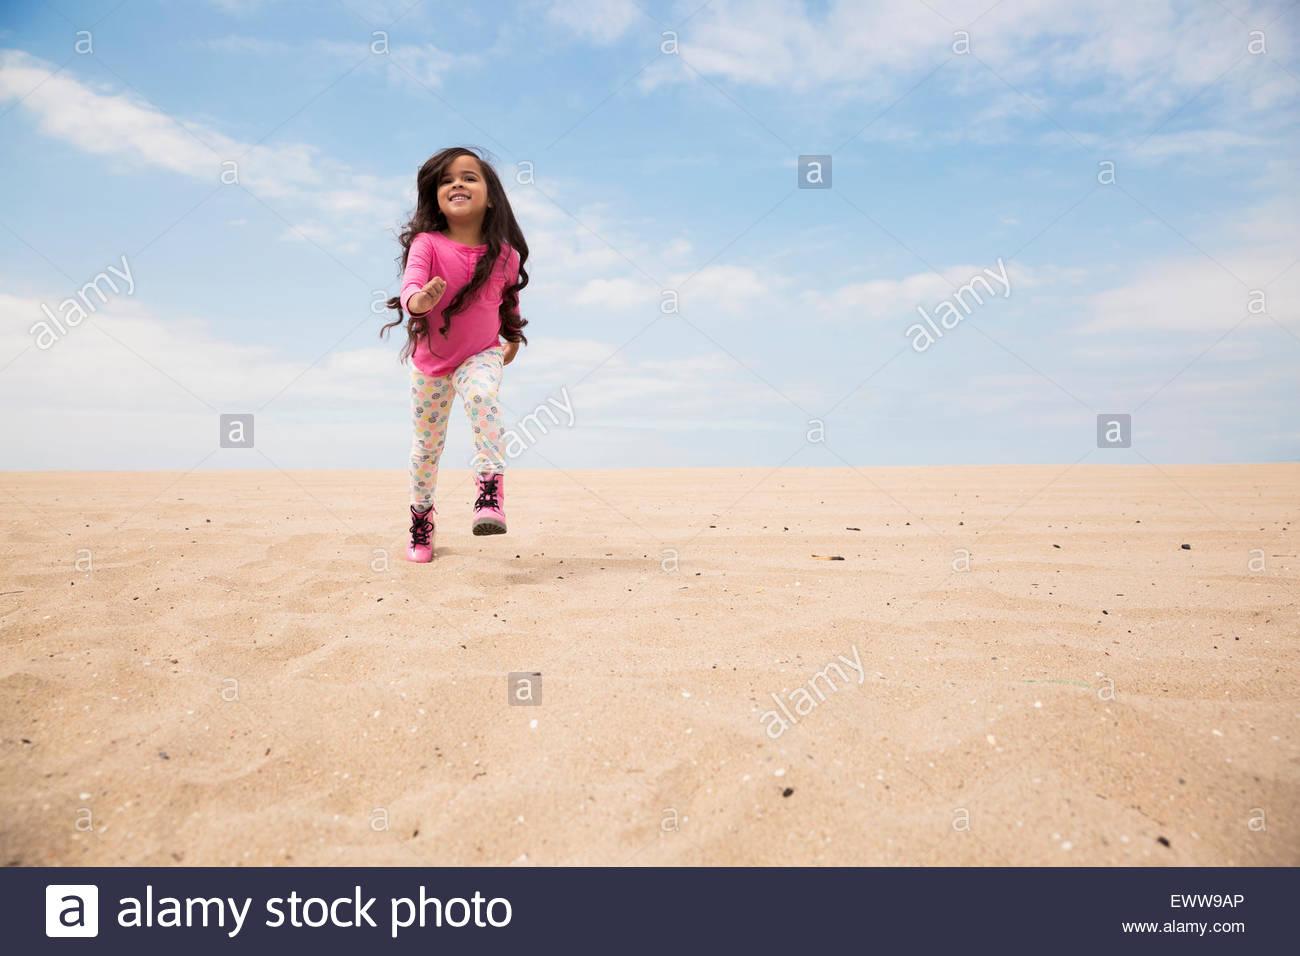 Lächelnde Mädchen lange Haare laufen am Strand Hang Stockbild